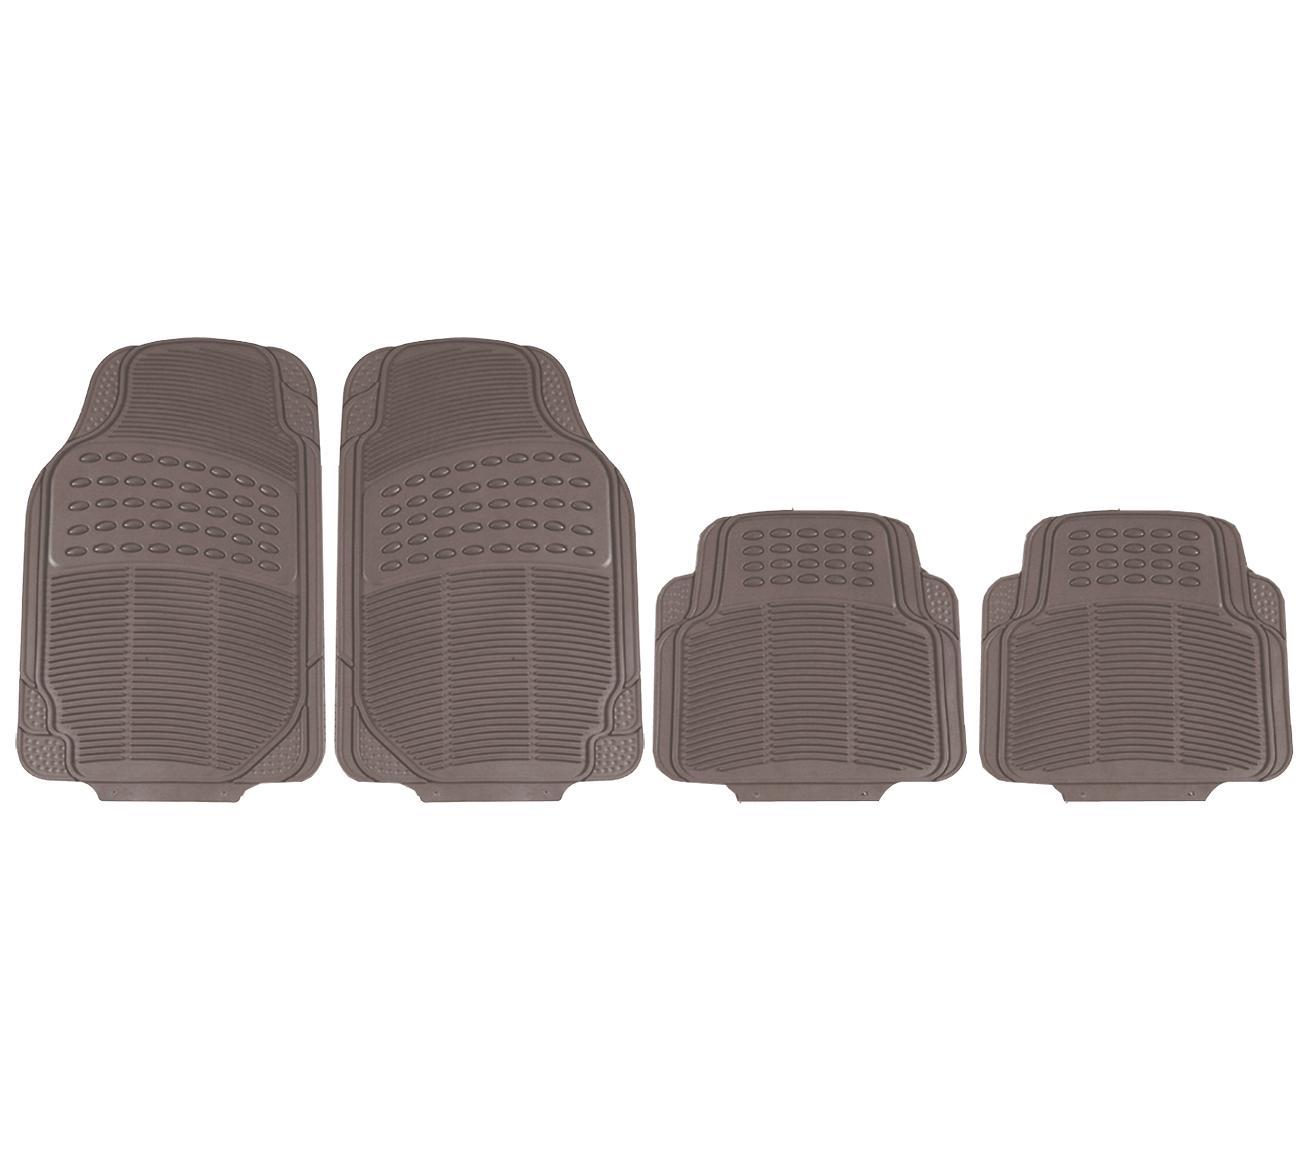 731150 HEYNER Universeel geschikt, ProtectionStar Pro Rubber, voor en achter, Aantal: 4, Beige Grootte: 43x45 cm, 71x47.5 cm Vloermatset 731150